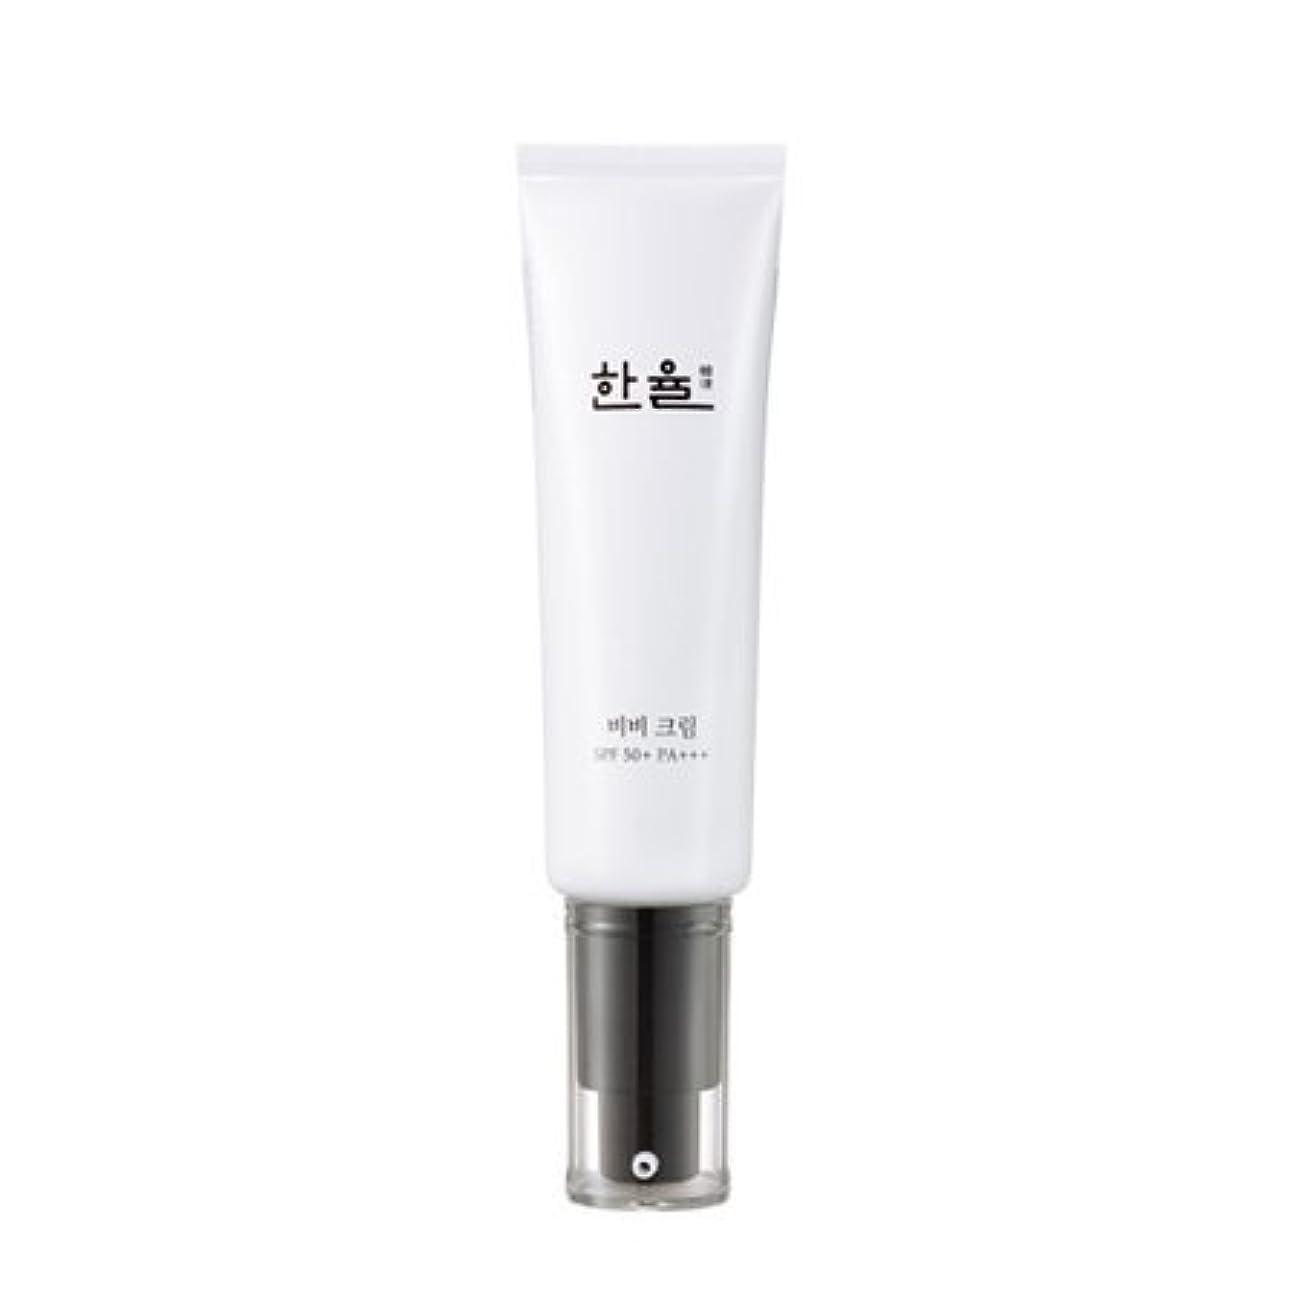 カフェ男らしさ懐疑論[HANYUL] BB Cream SPF 50+/pa+++ (#02 Soft Beige)